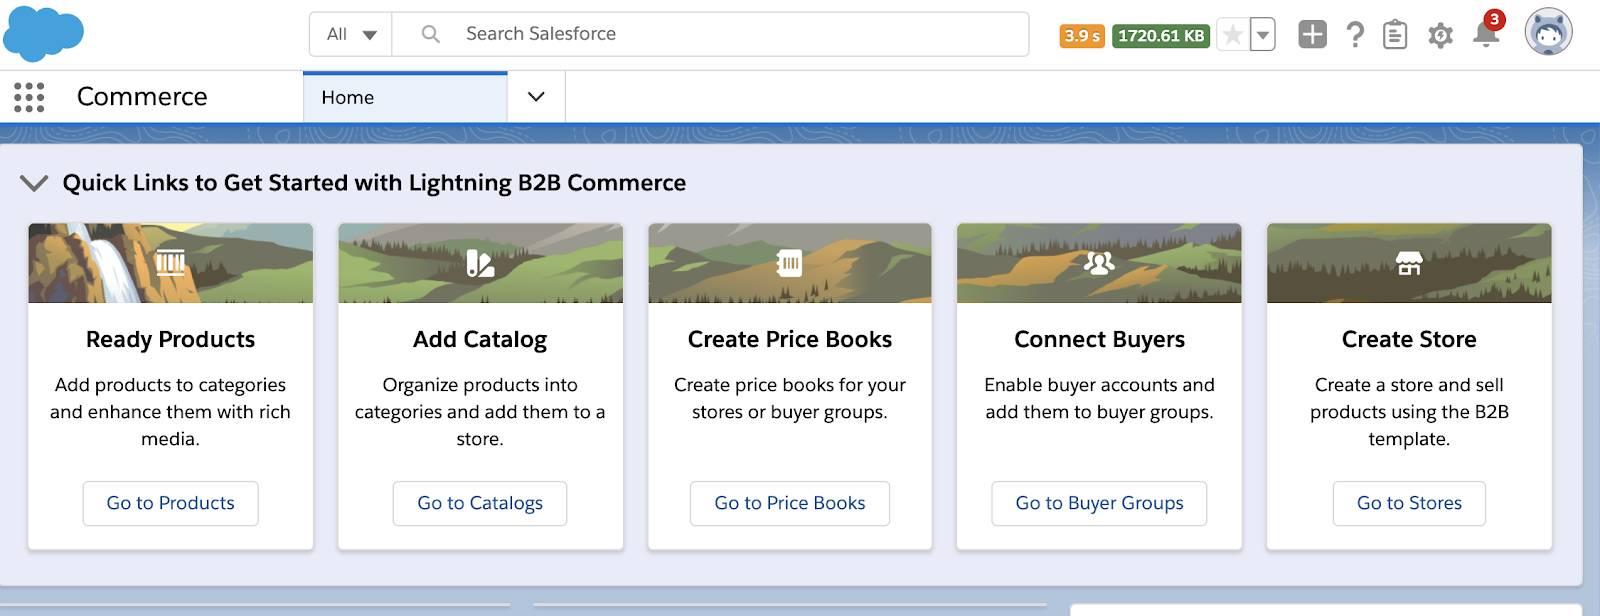 Commerce app in Salesforce.